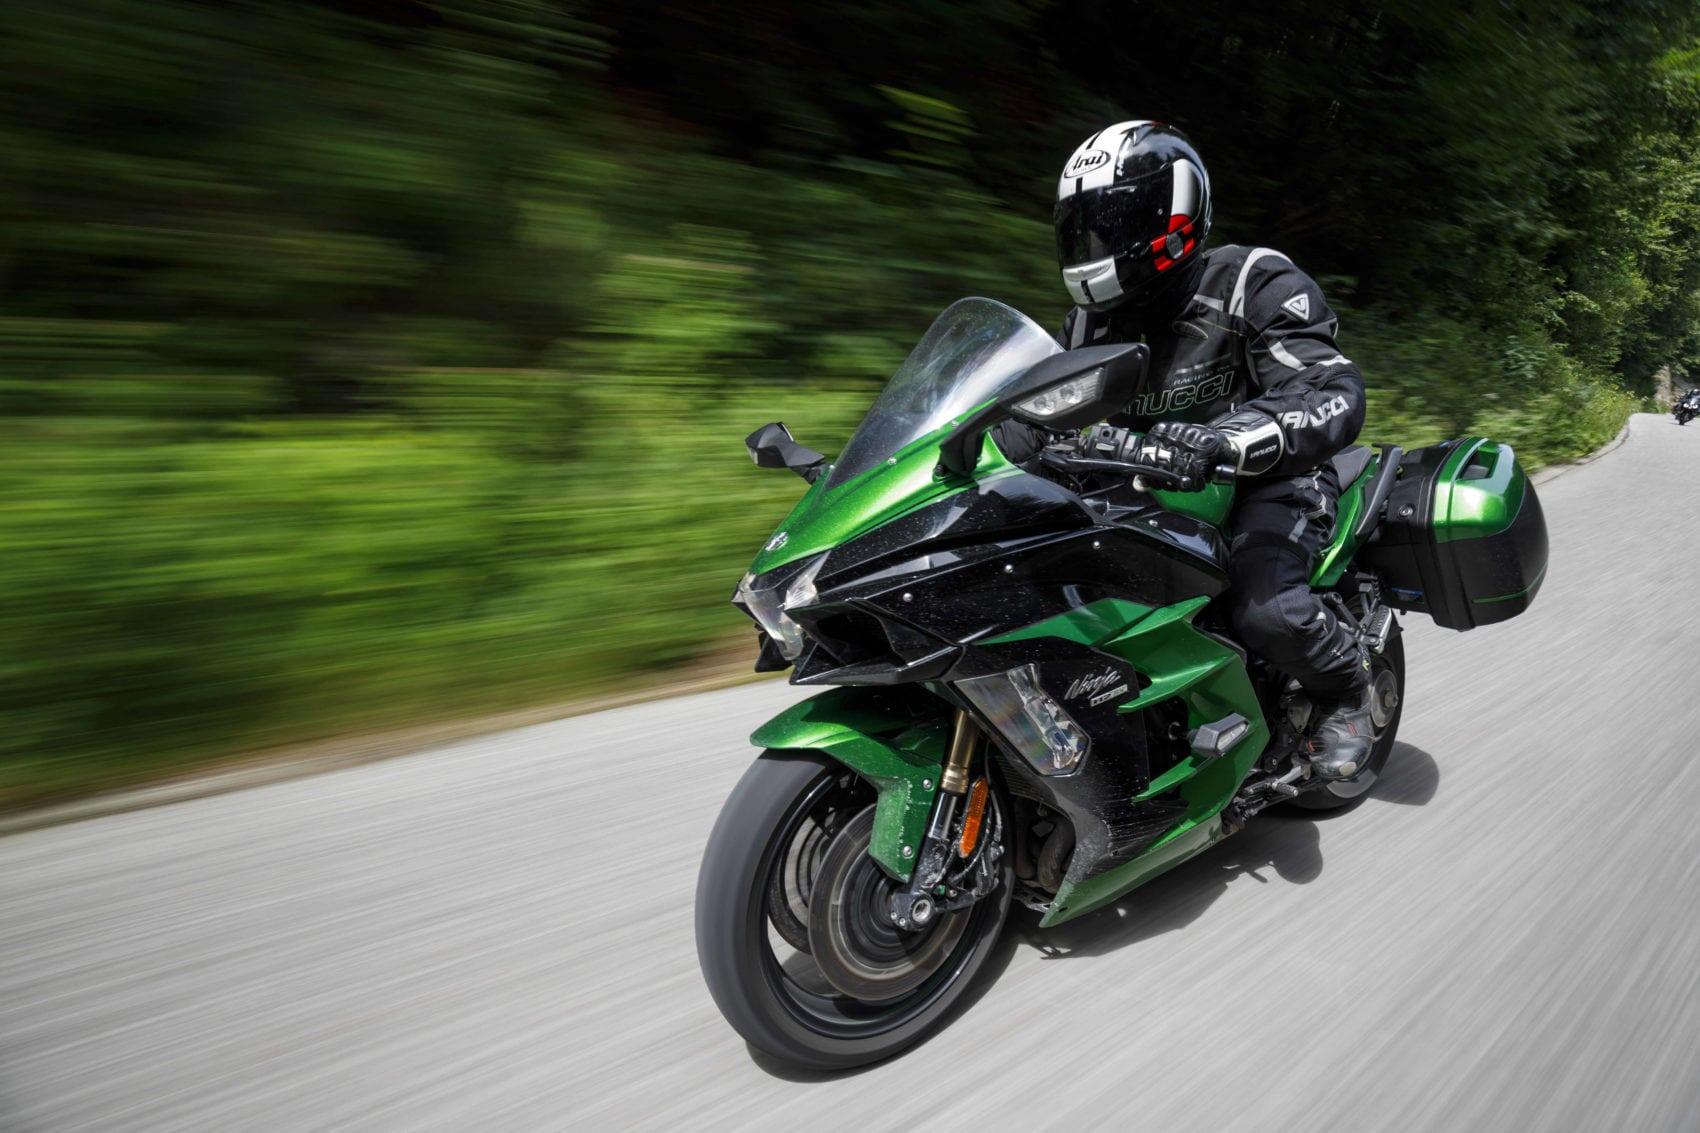 Hartetest Kawasaki Ninja H2 SX SE